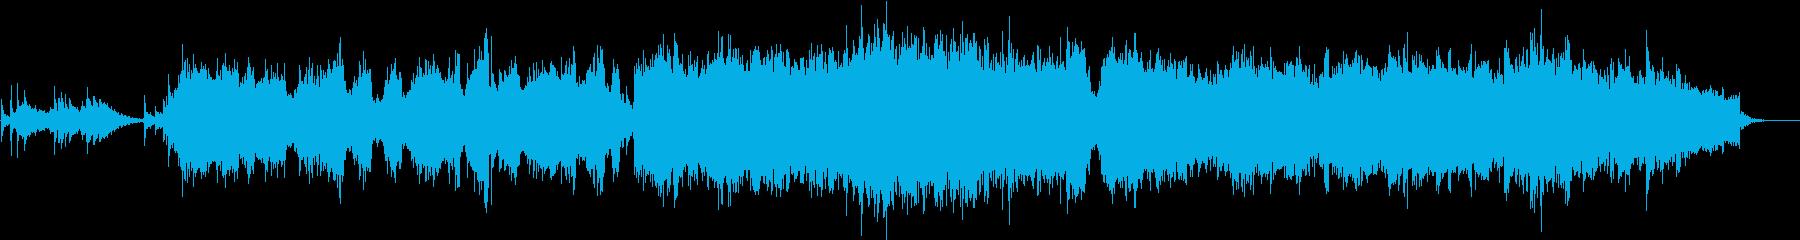 エレクトロニック サスペンス 感情...の再生済みの波形